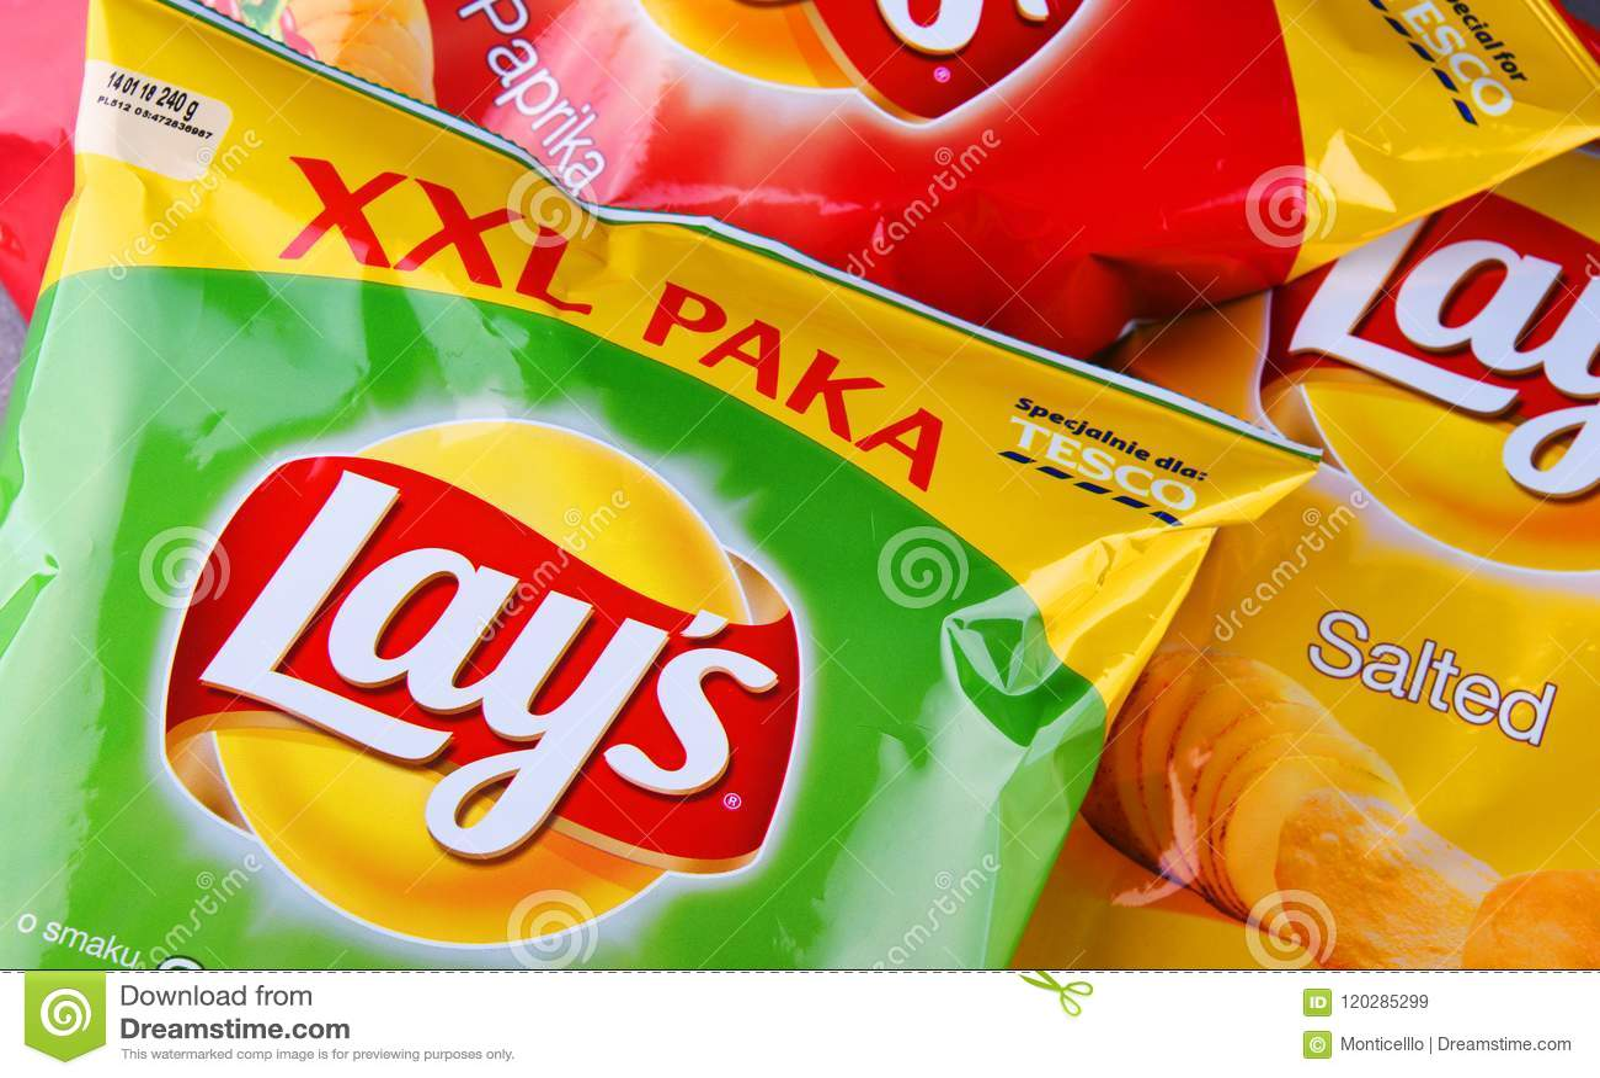 De pakketten van legt chips